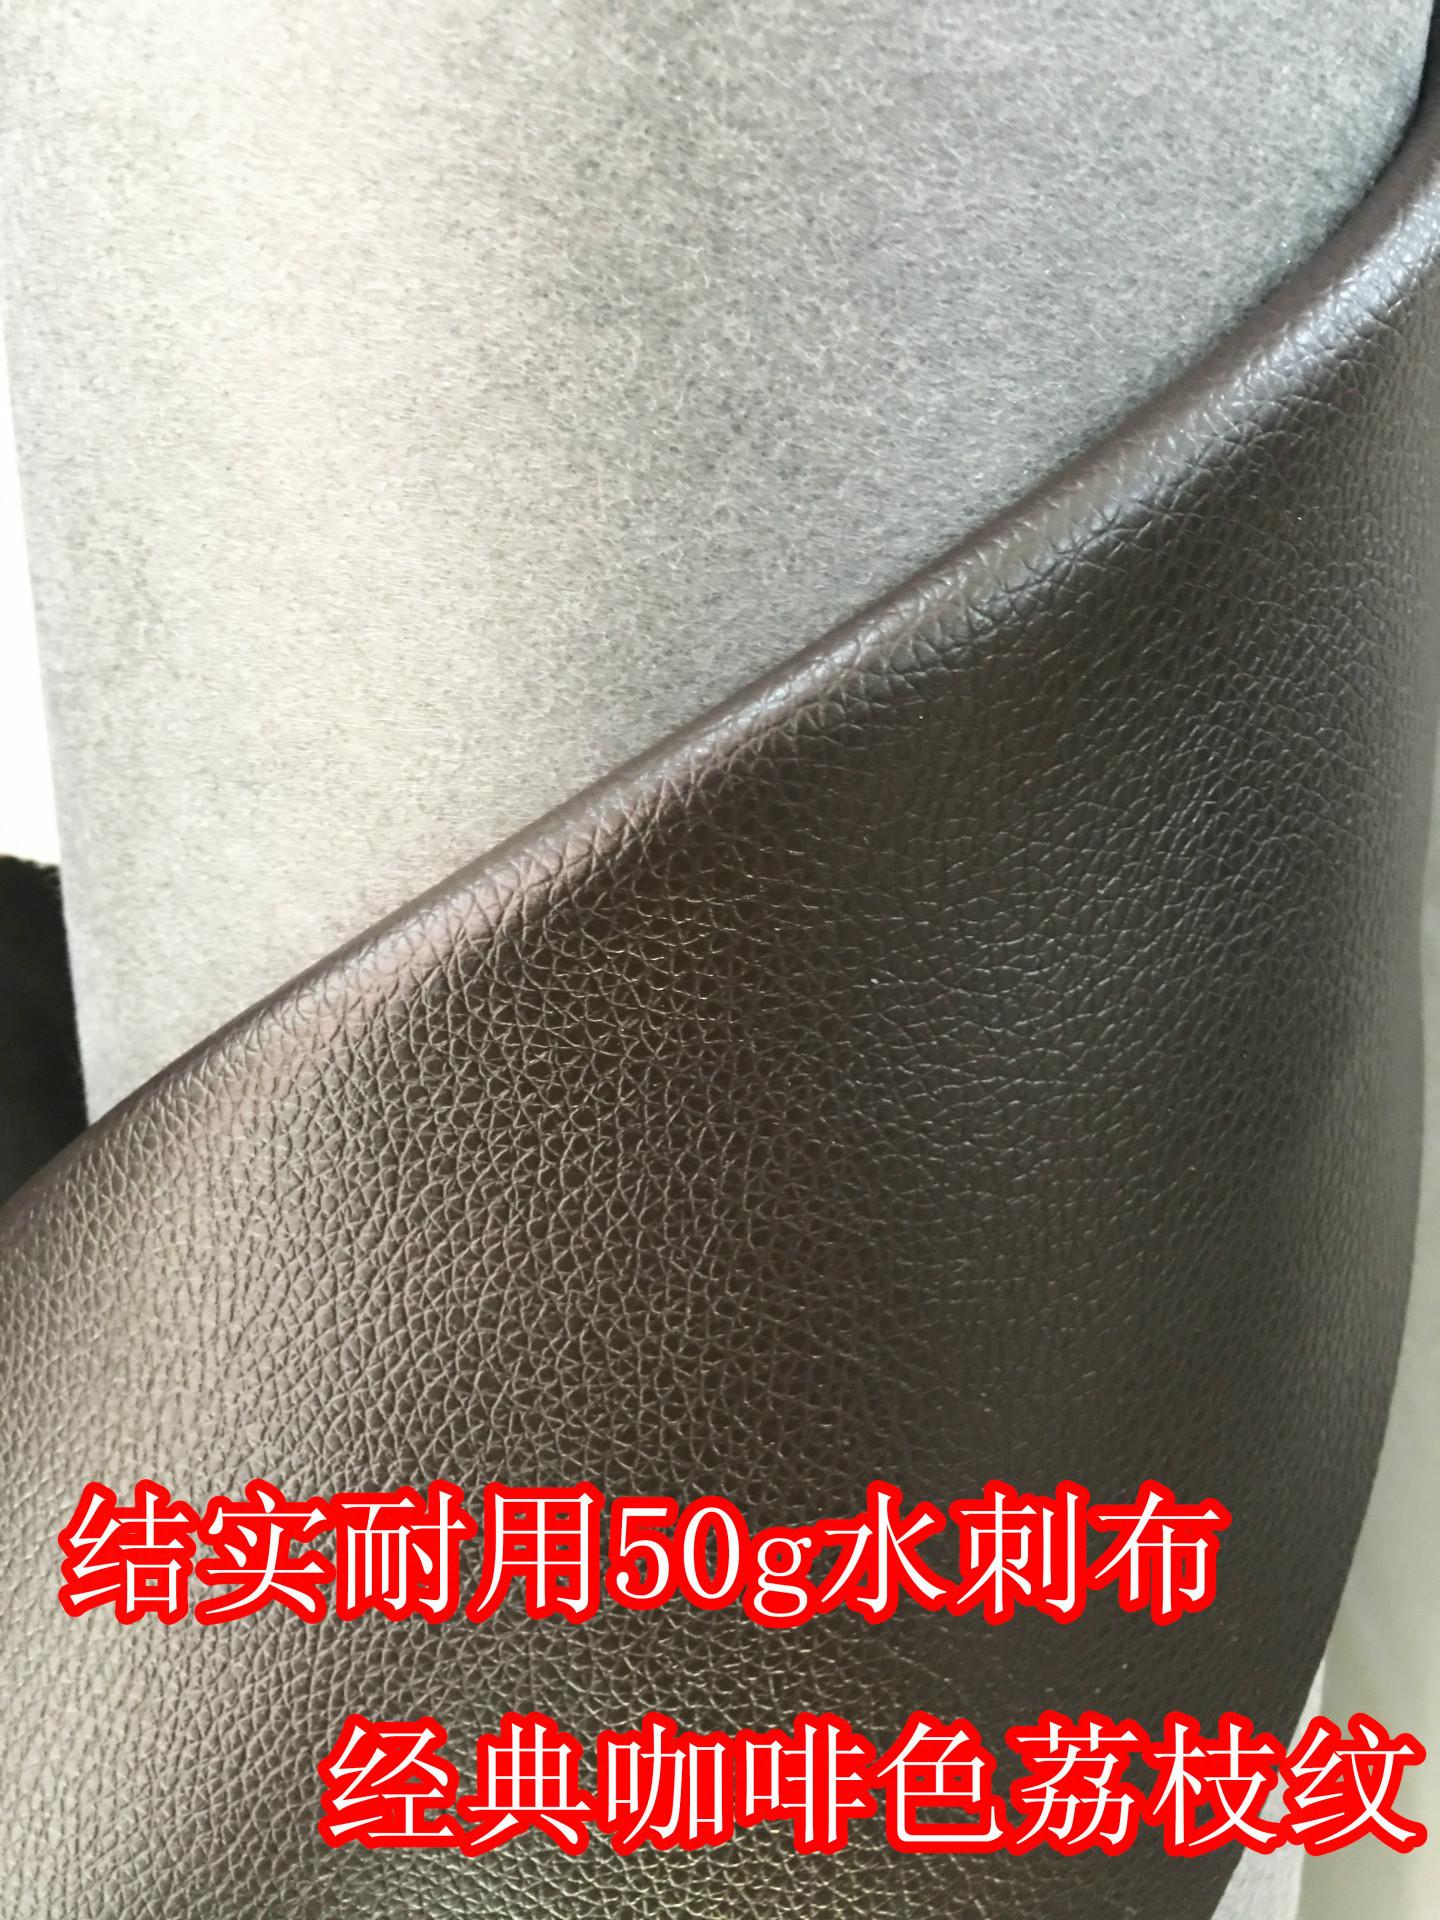 低价供应 医疗器械腰椎挺自发热护具专用面料1.8mm厚 荔枝纹皮革